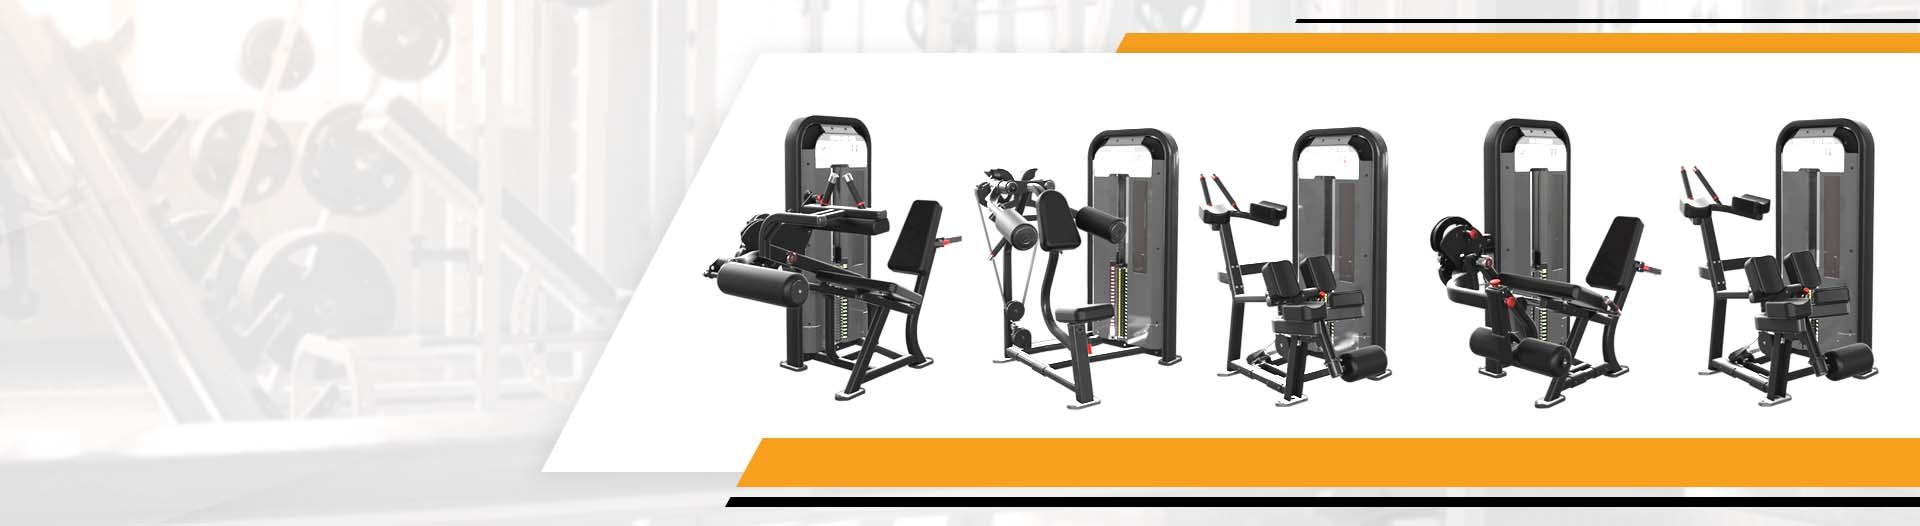 Új Nautilus gépek érkeztek az SXL Fitness Fogarasiba!